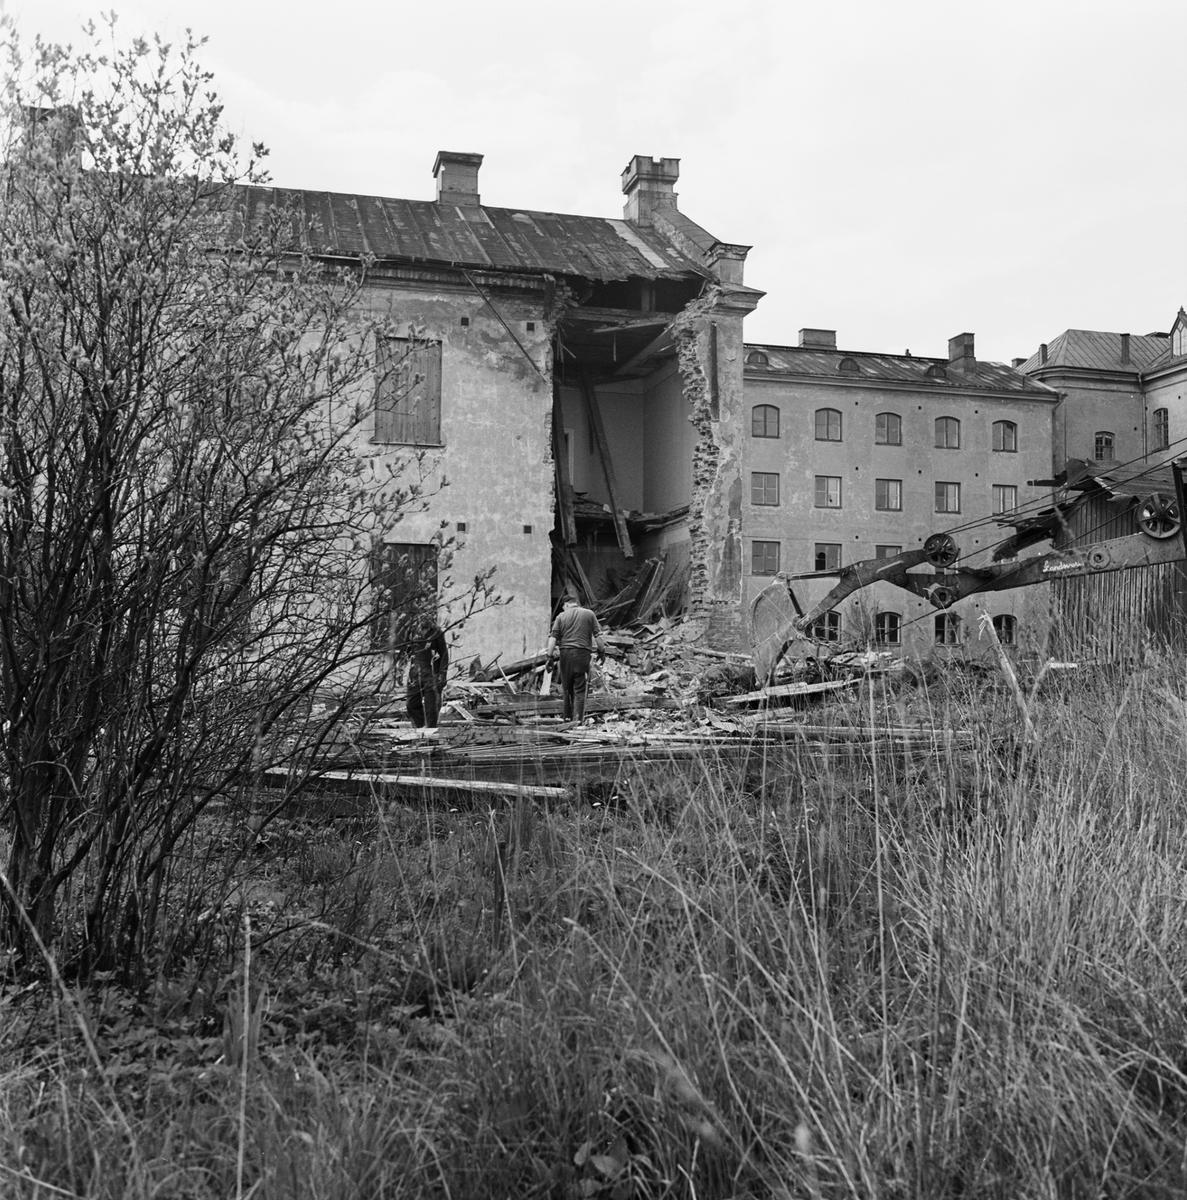 Övrigt: Fotodatum:23/5 1969 Byggnader och Kranar Bostadsområdet Göta Lejon ext o int